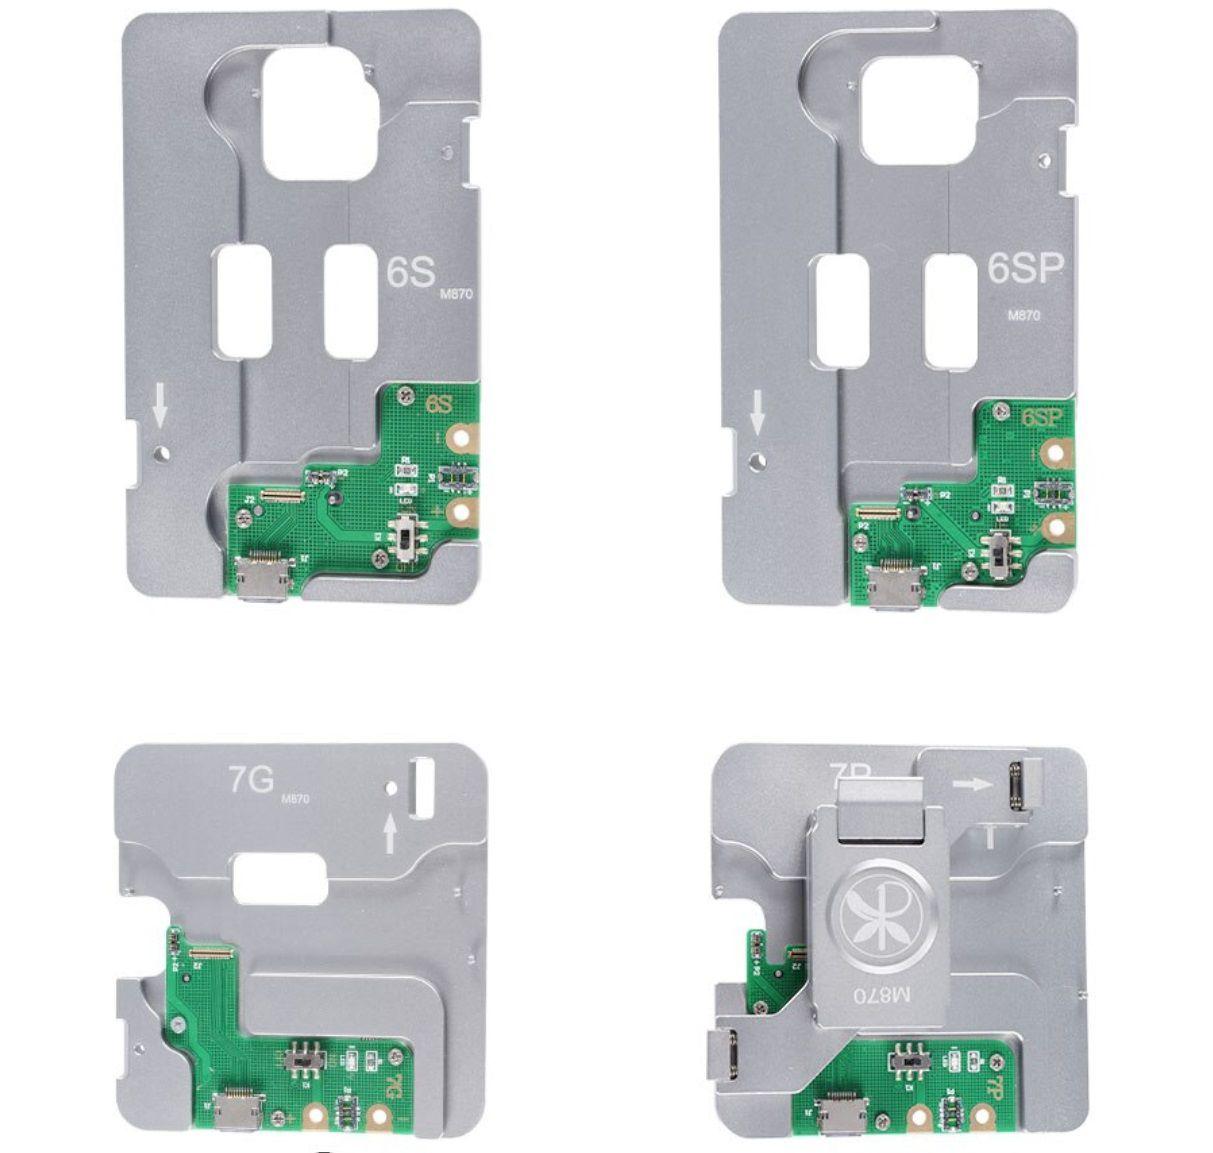 MIJING MJ-870 5 IN1 MEMÓRIA HDD NAND IC FERRAMENTA DE TESTE PARA IPHONE / 6S / 6SP /7G /7P